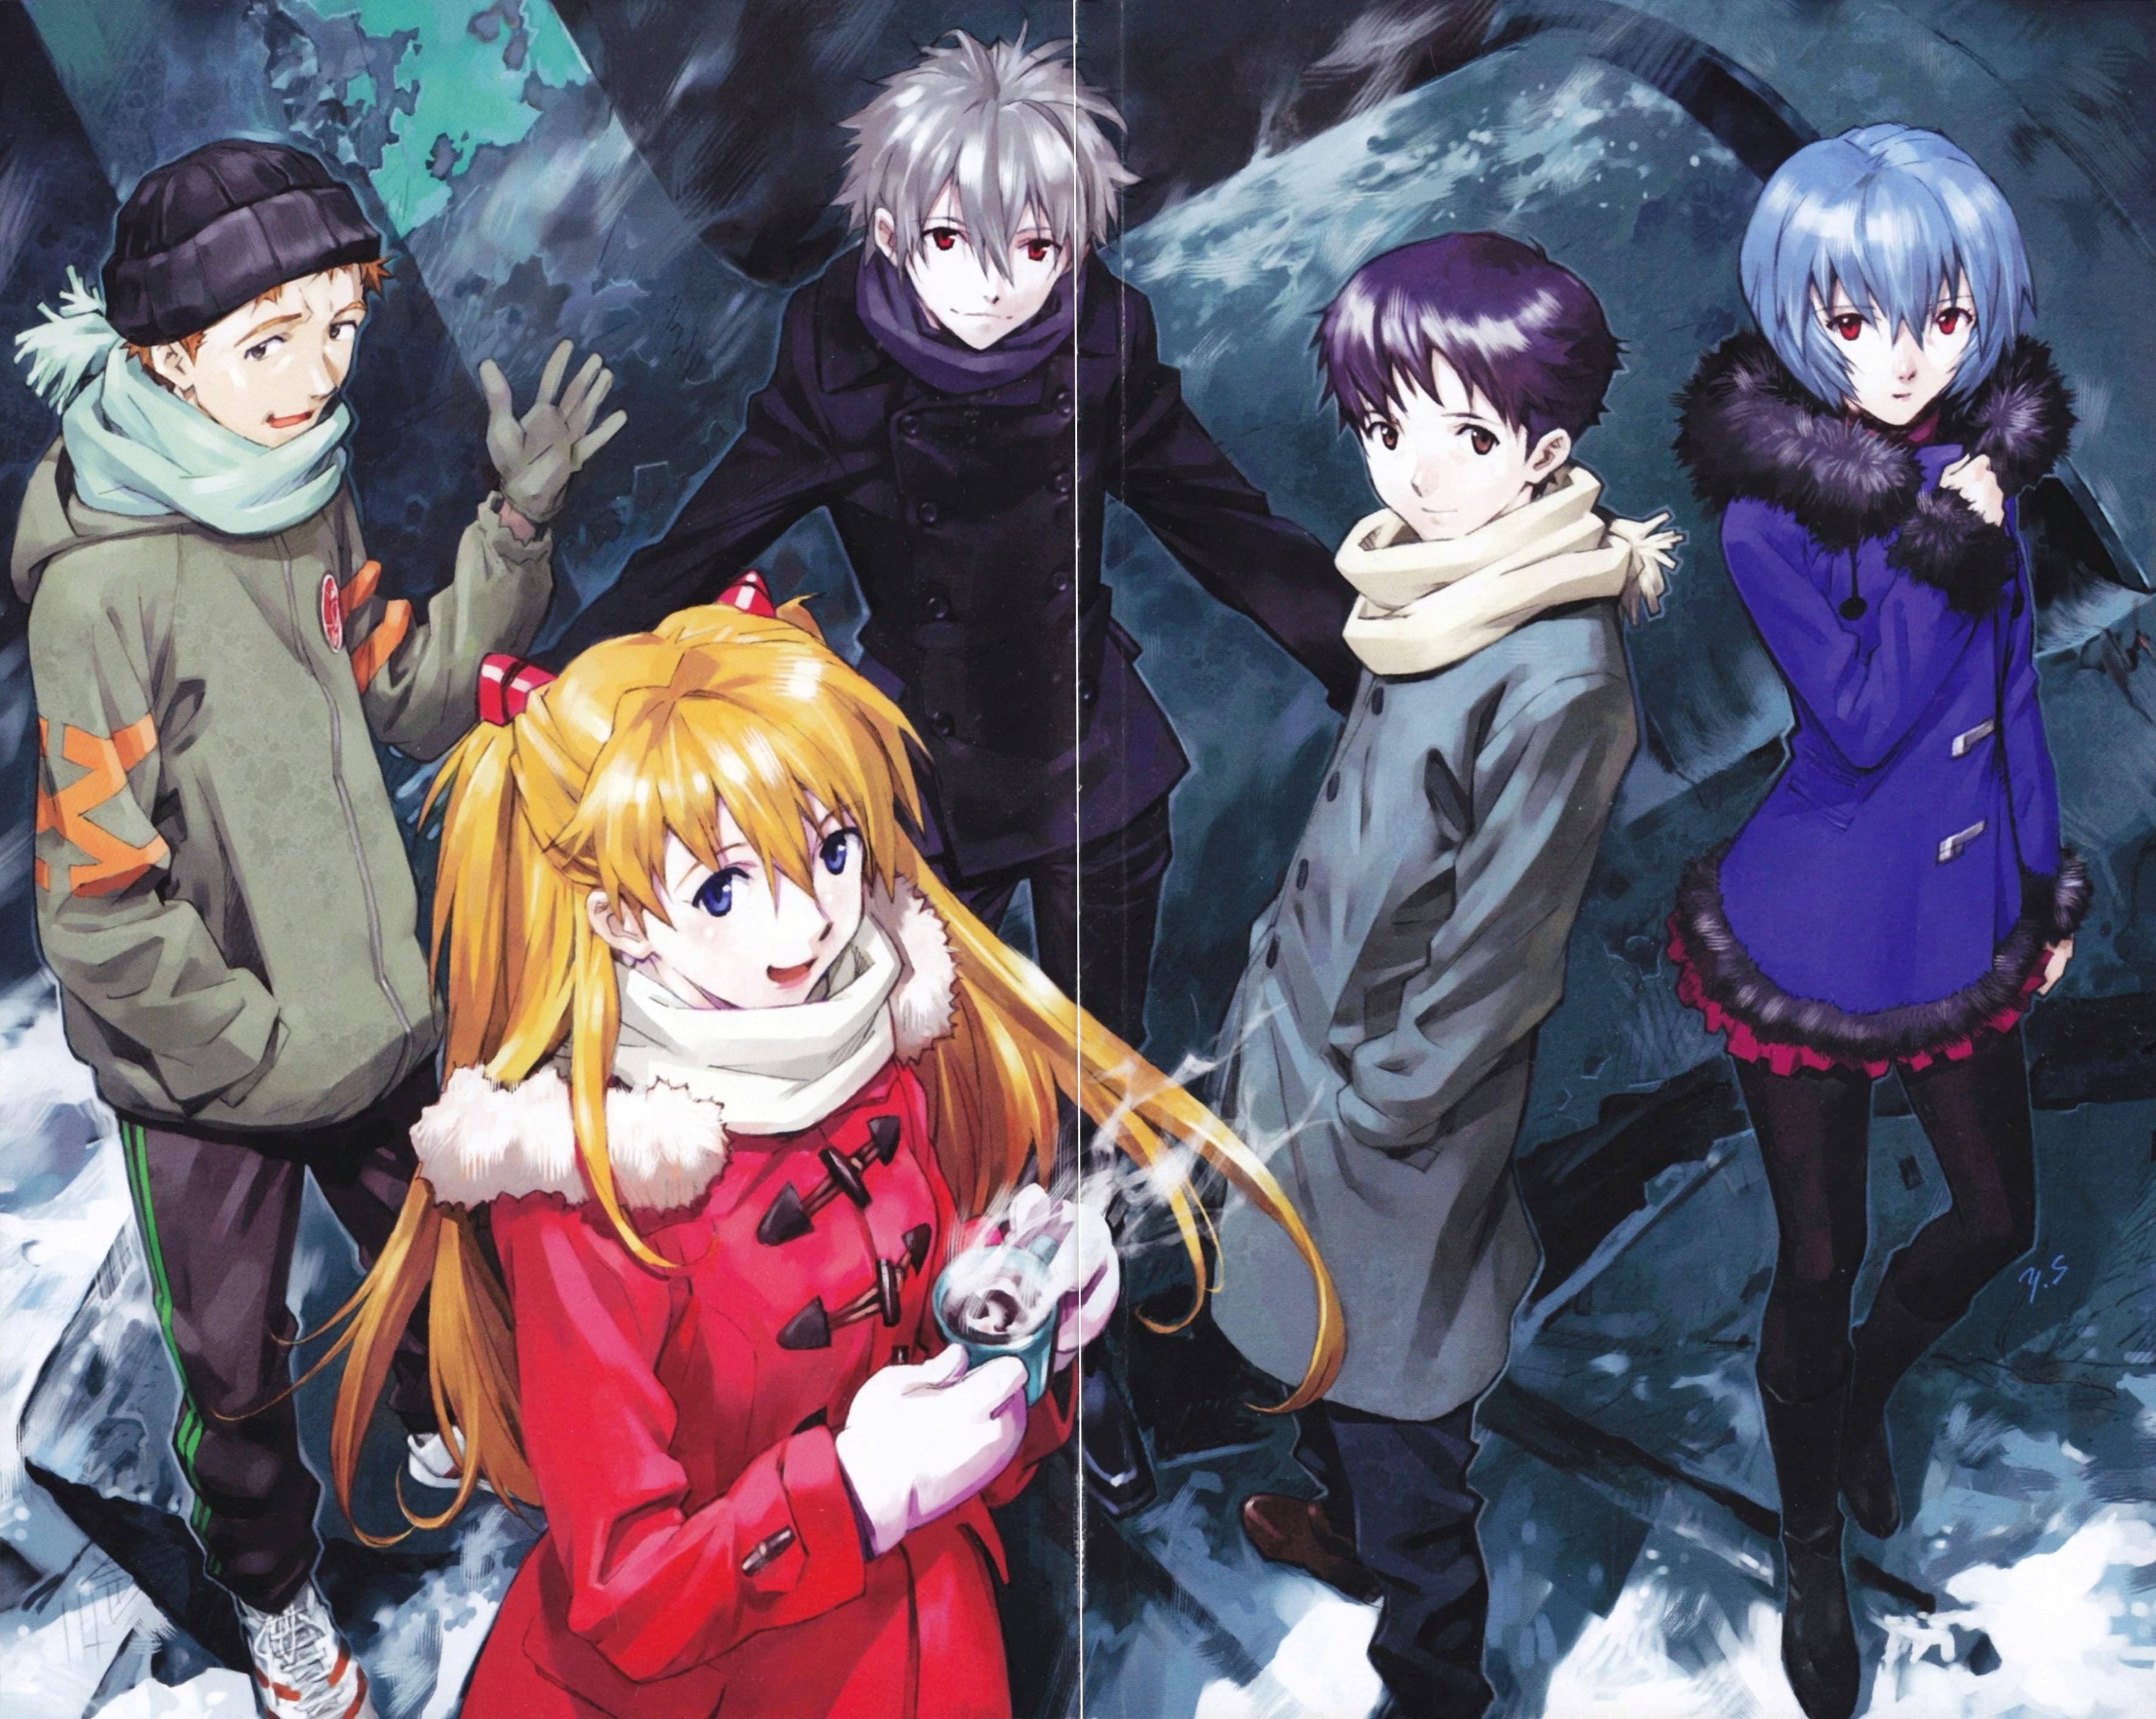 Neon Genesis Evangelion Genesis 0 1 Movie free download HD 720p